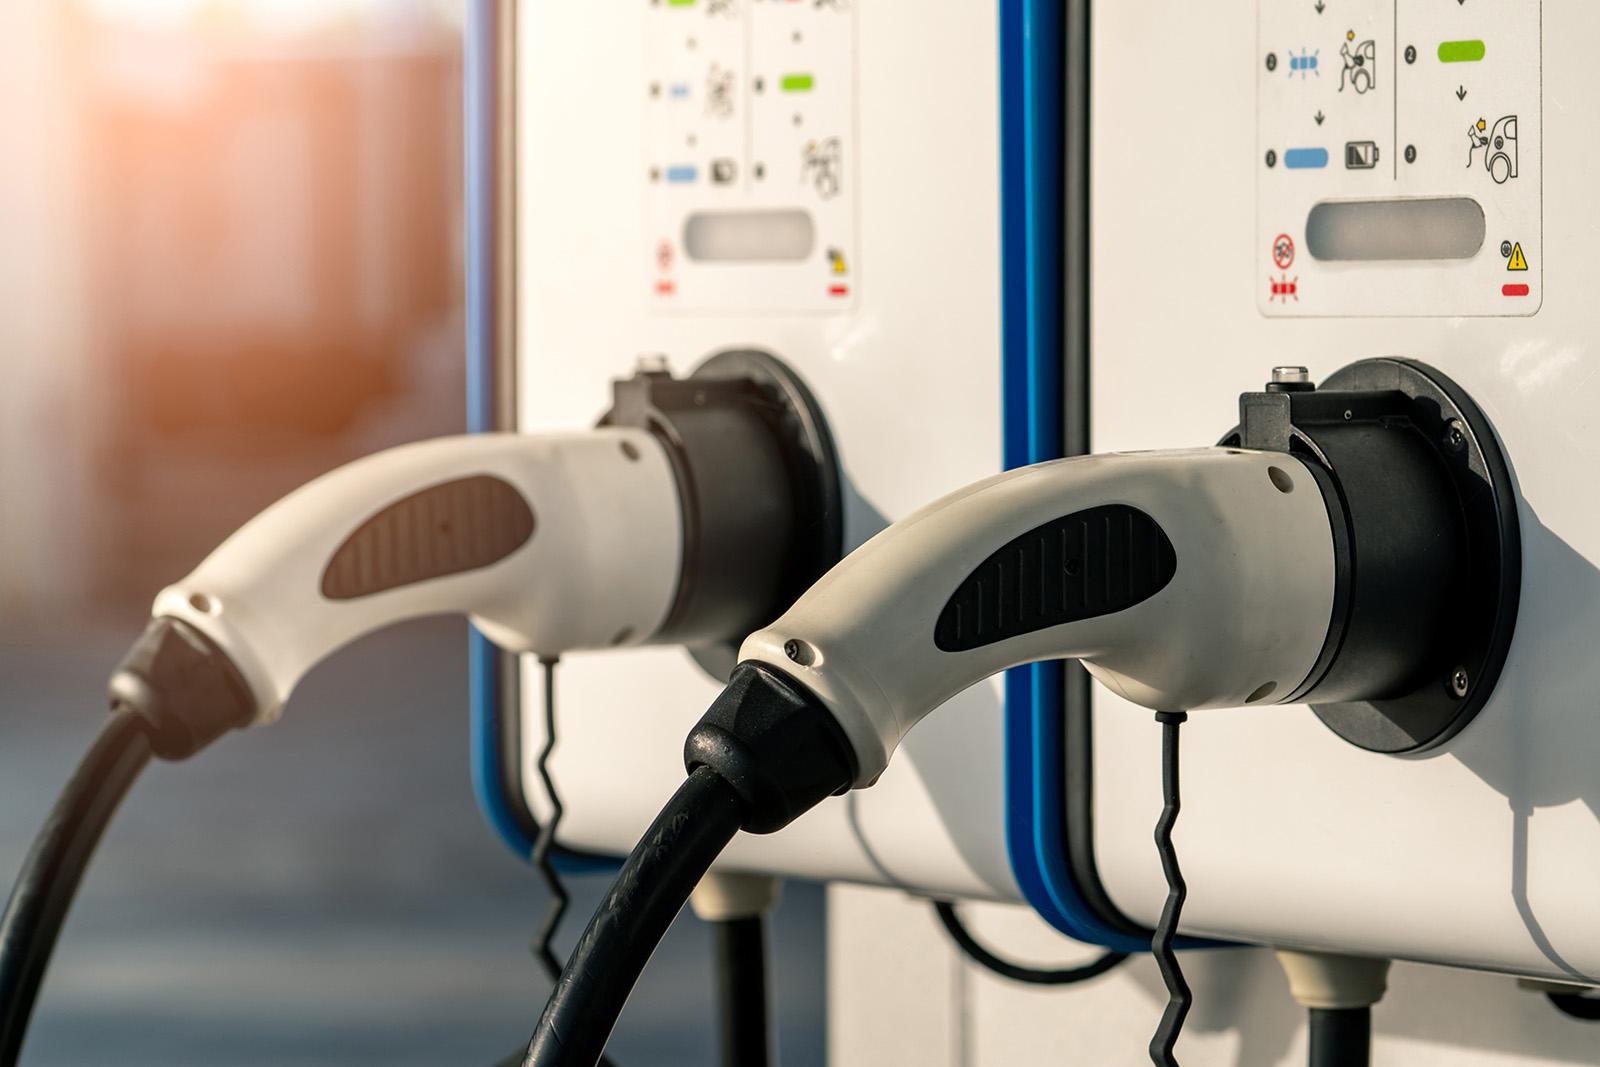 Vi är specialister påelbilsladdare i Stockholm! Behöver du hjälp med installation av laddstation för elbilsladdning i Stockholm? Då kan vi hjälpa dig. Vi installerar både laddboxar och laddstolpar.